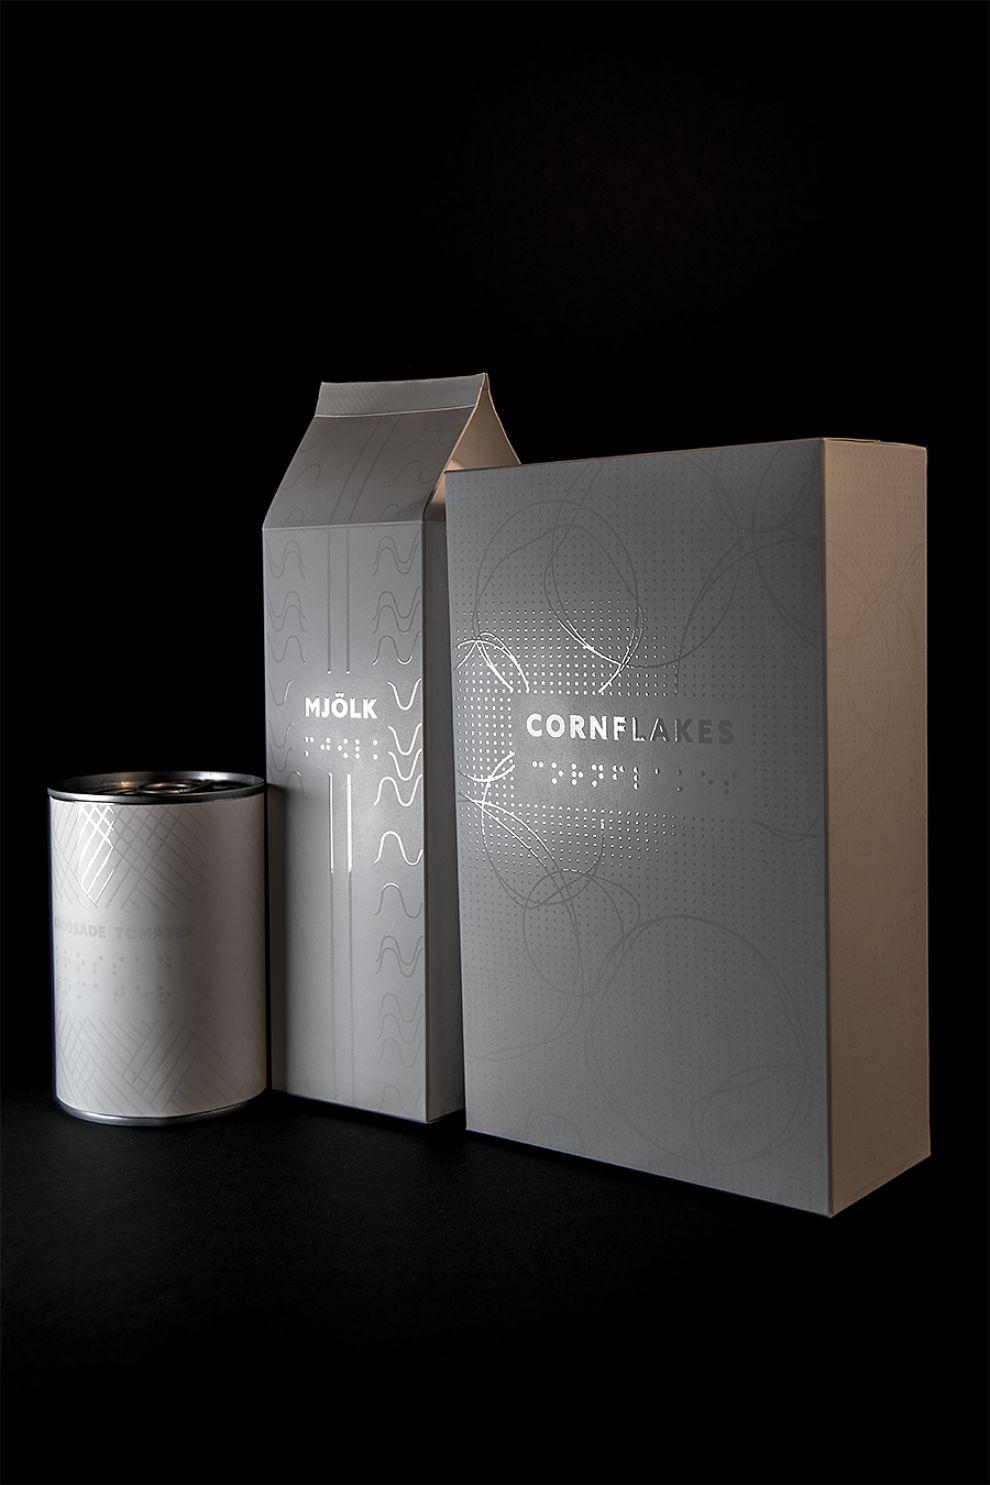 Color Me Blind Elegant Package Design